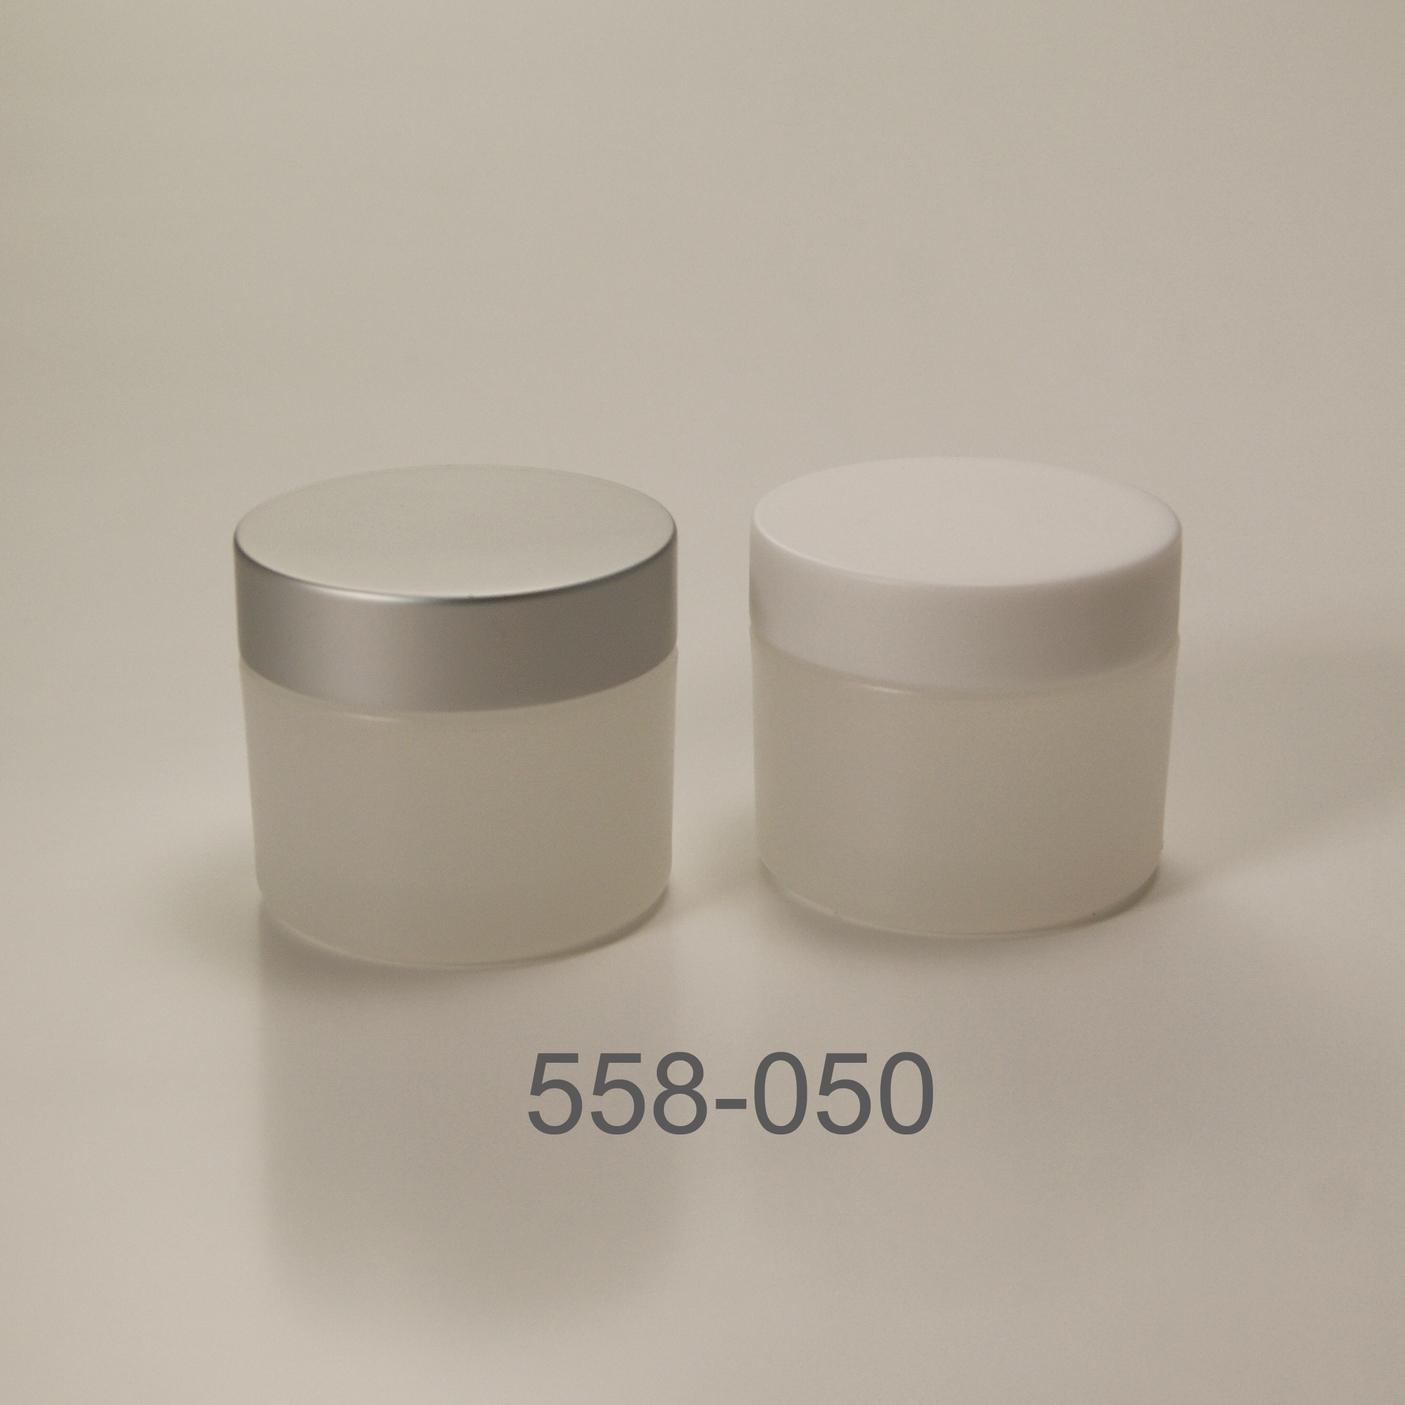 558-050.jpg